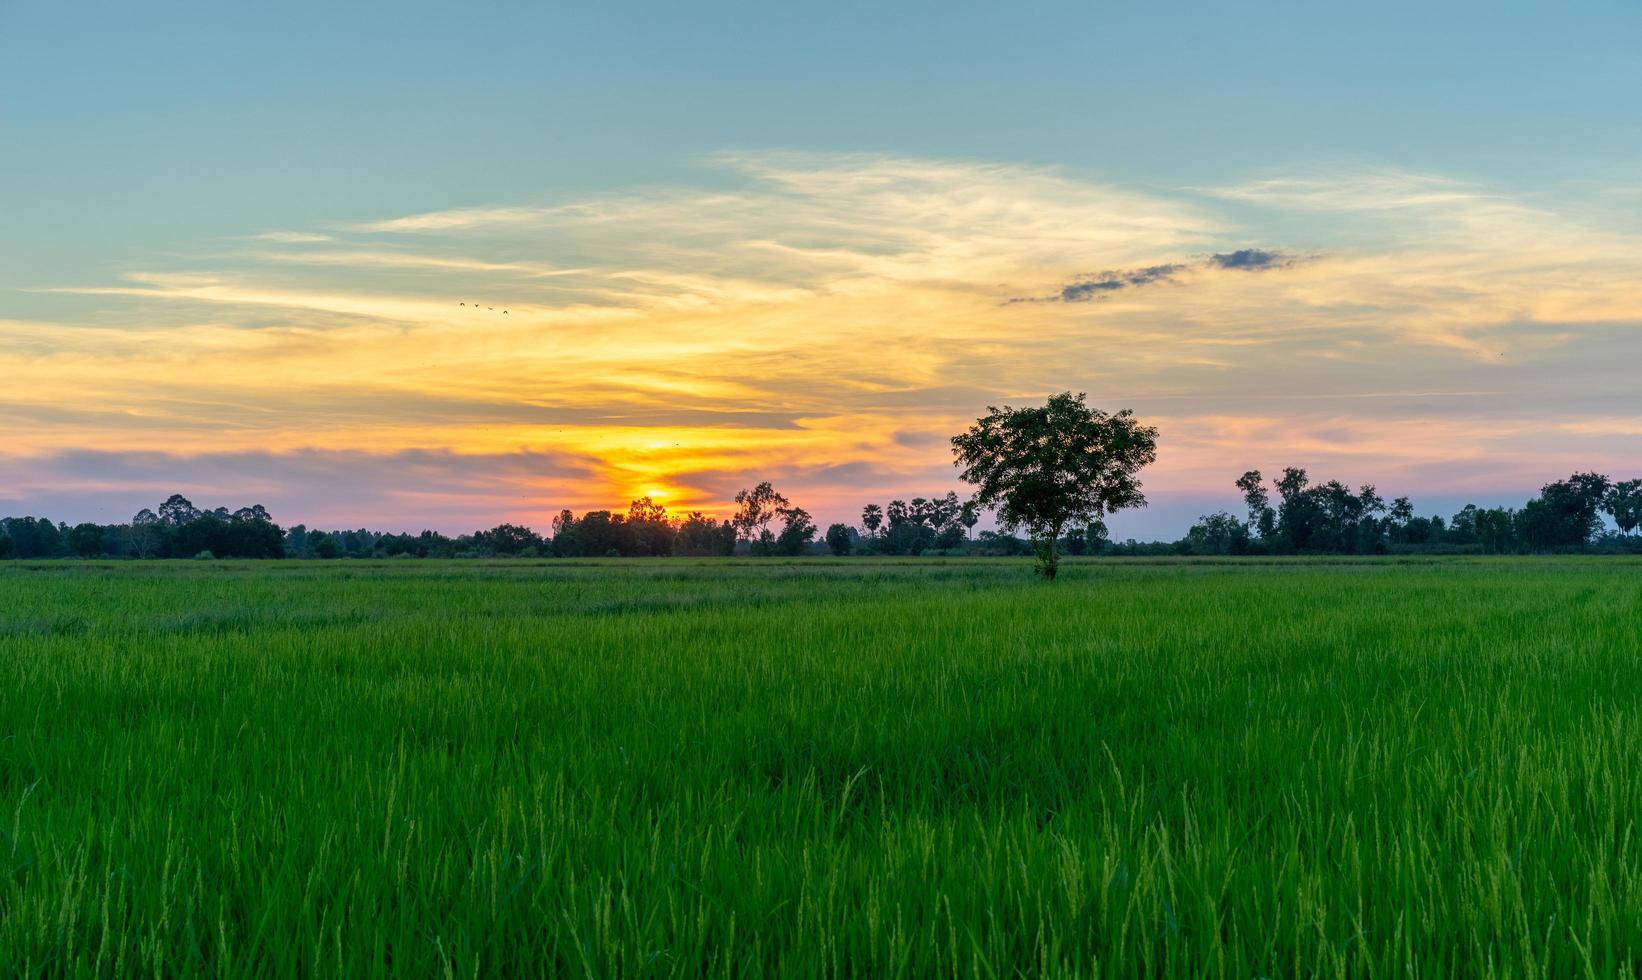 albero sul campo verde al tramonto foto